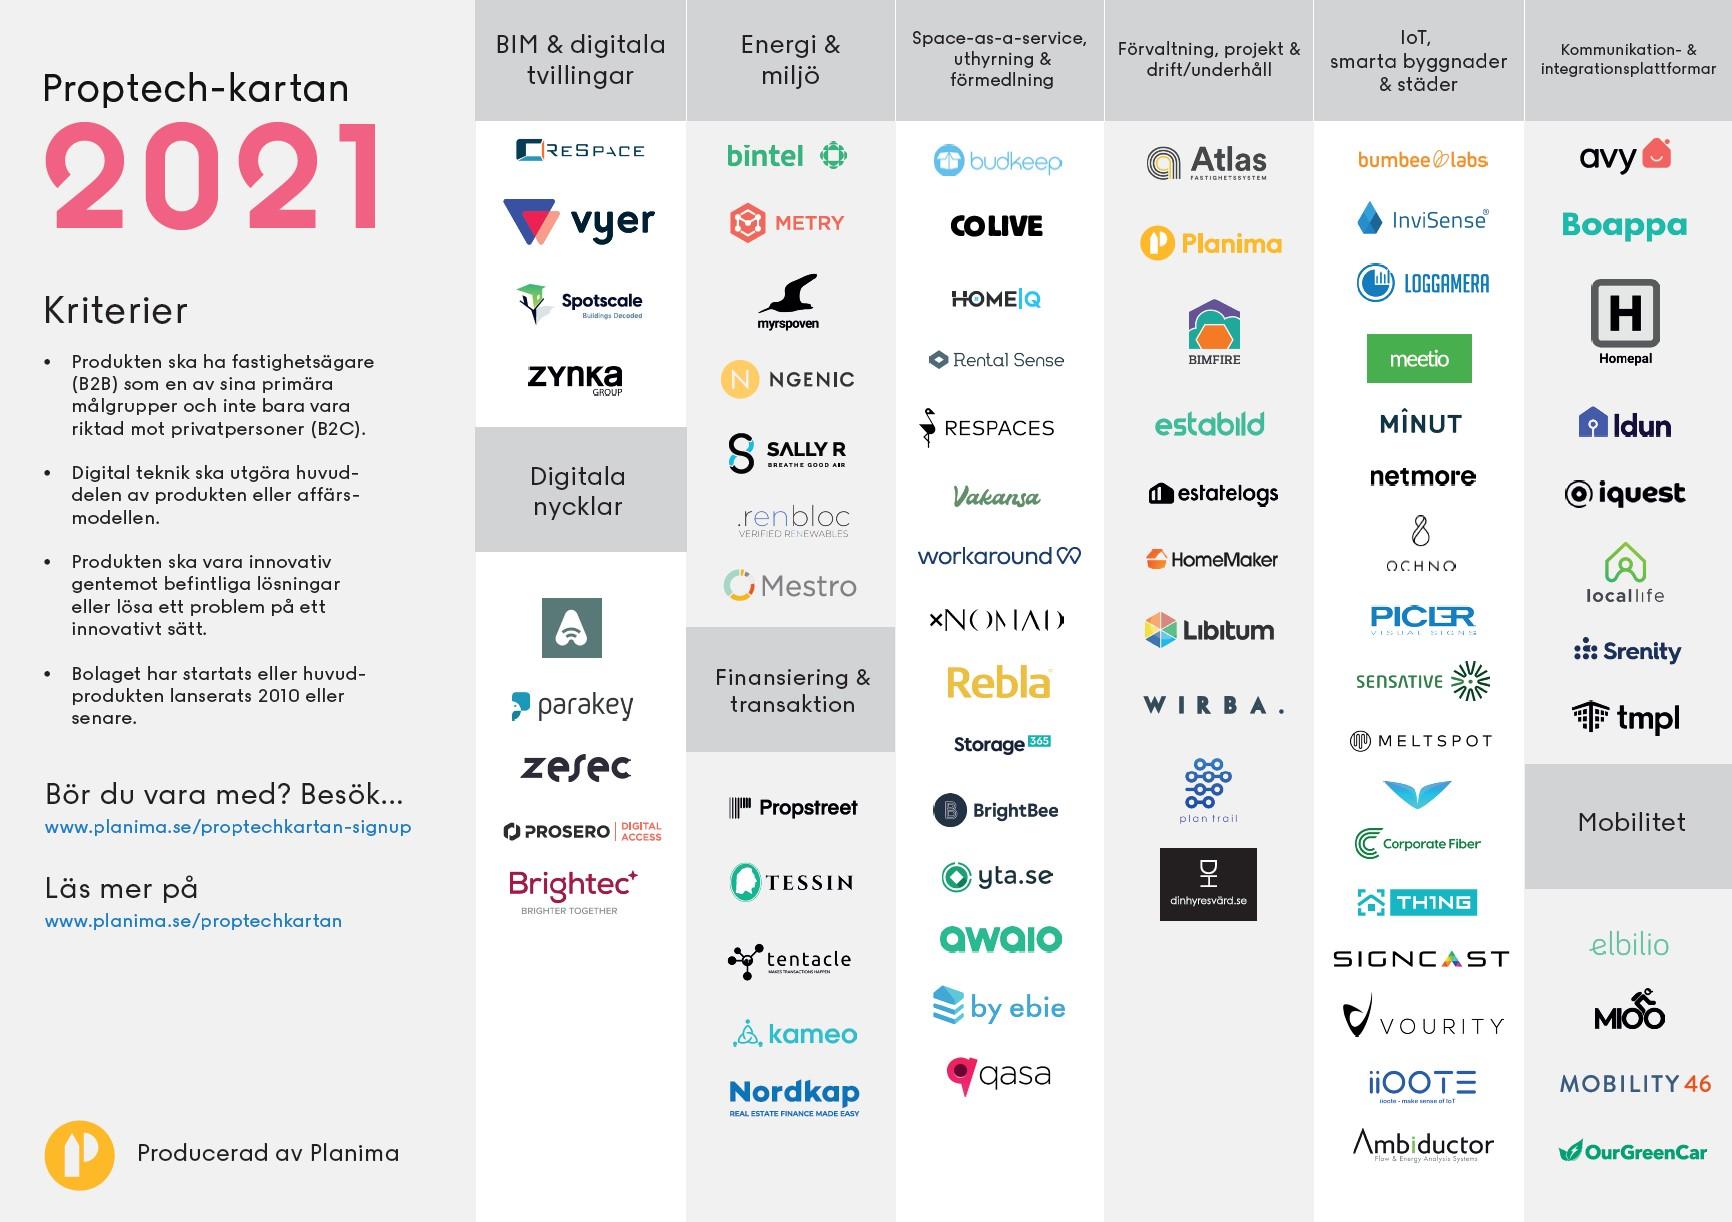 Proptech-kartan, en överblick över alla proptech-startups i Sverige med logotyp för varje företag.